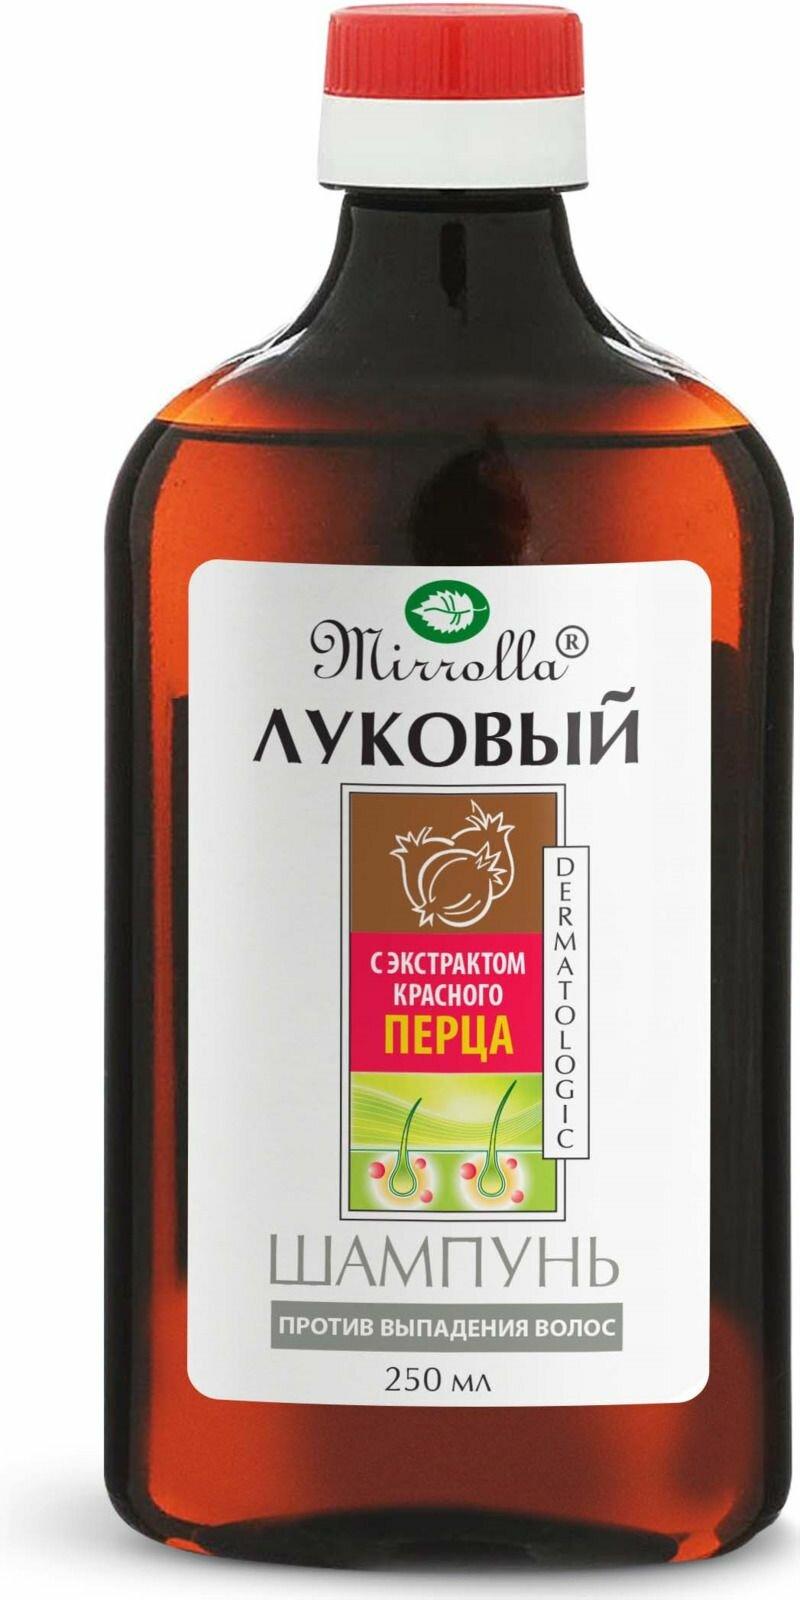 Мирролла Луковый шампунь для волос, с экстрактом красного перца, 250 мл